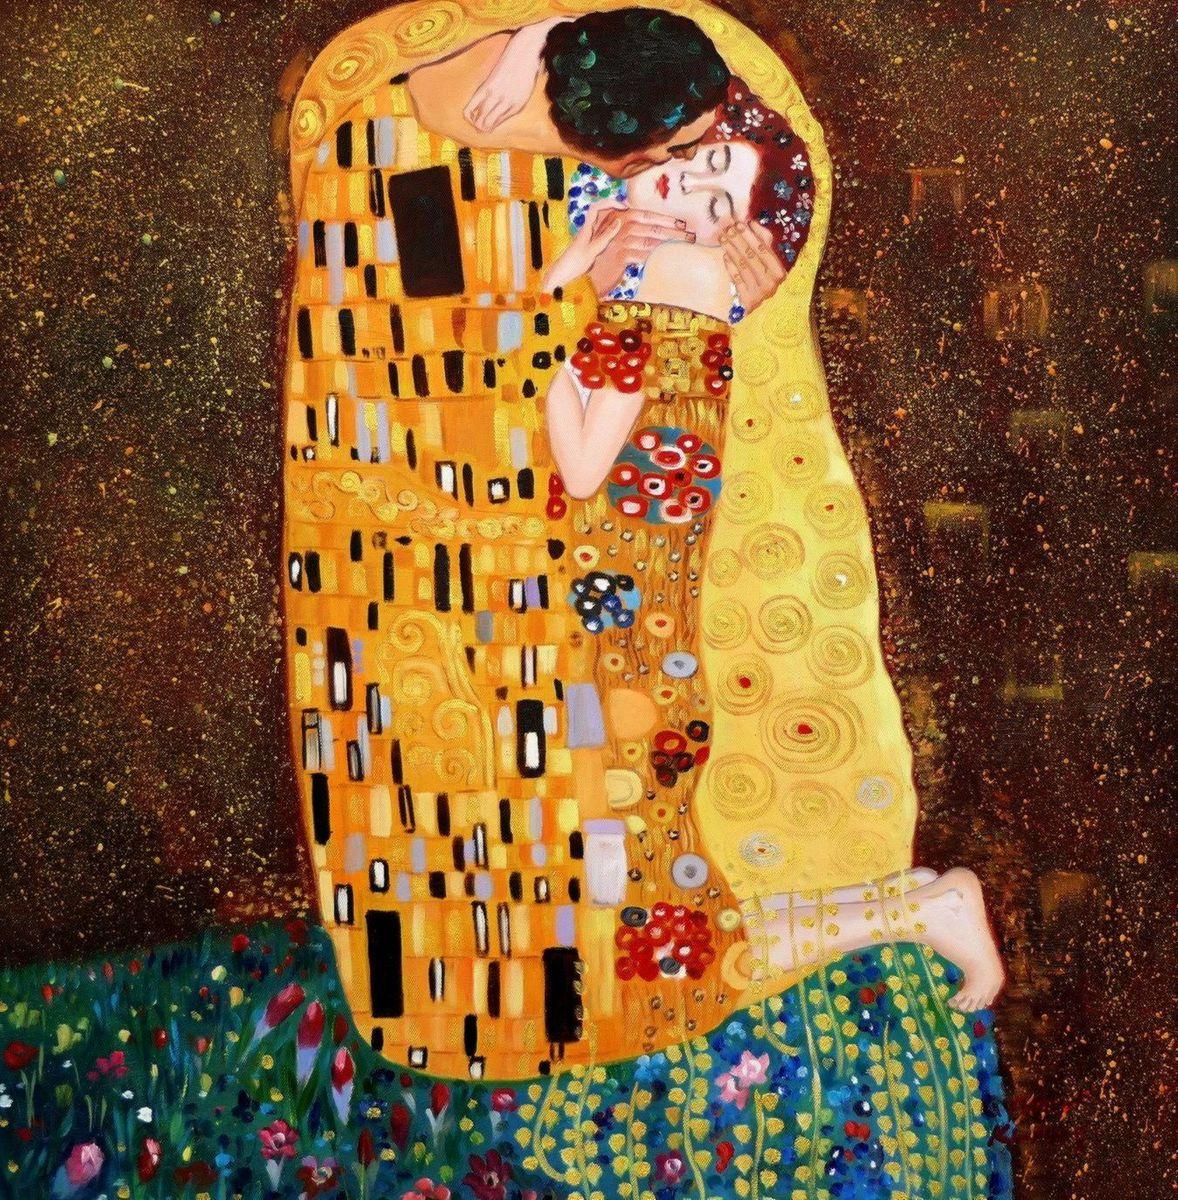 Gustav Klimt - Der Kuss e97059 60x60cm Jugendstil Ölgemälde handgemalt